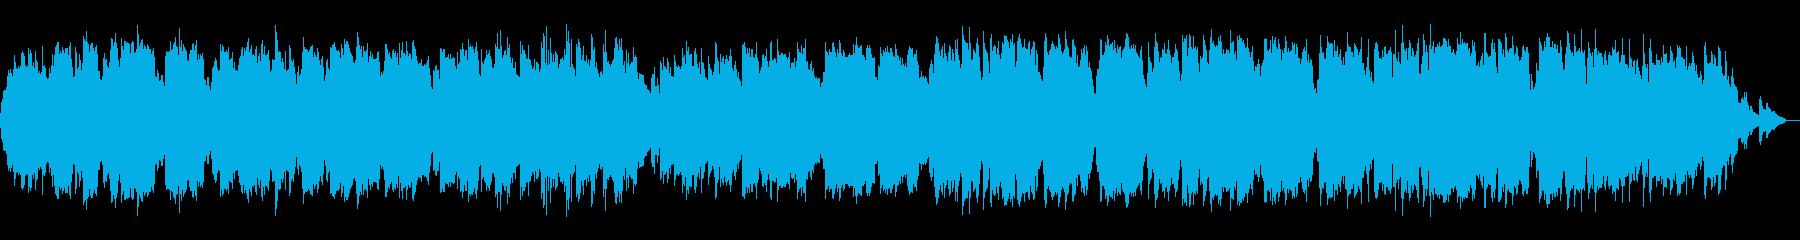 少し淋しくジャズっぽい雰囲気のケーナの再生済みの波形